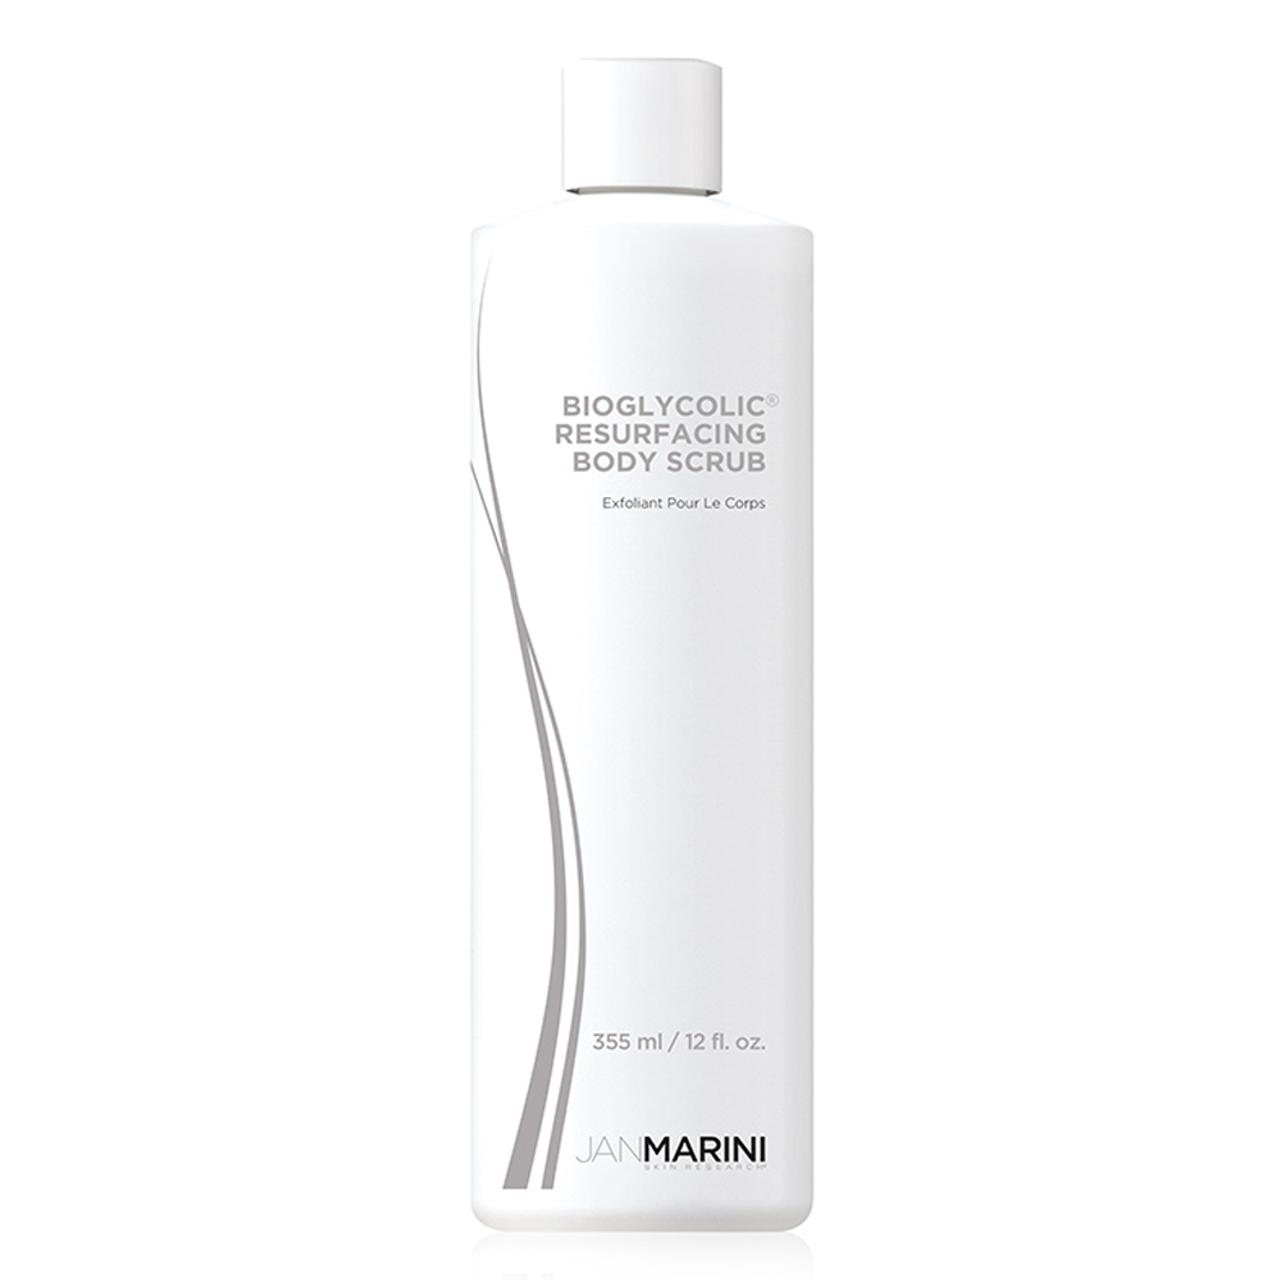 Jan Marini Bioglycolic Resurfacing Body Scrub